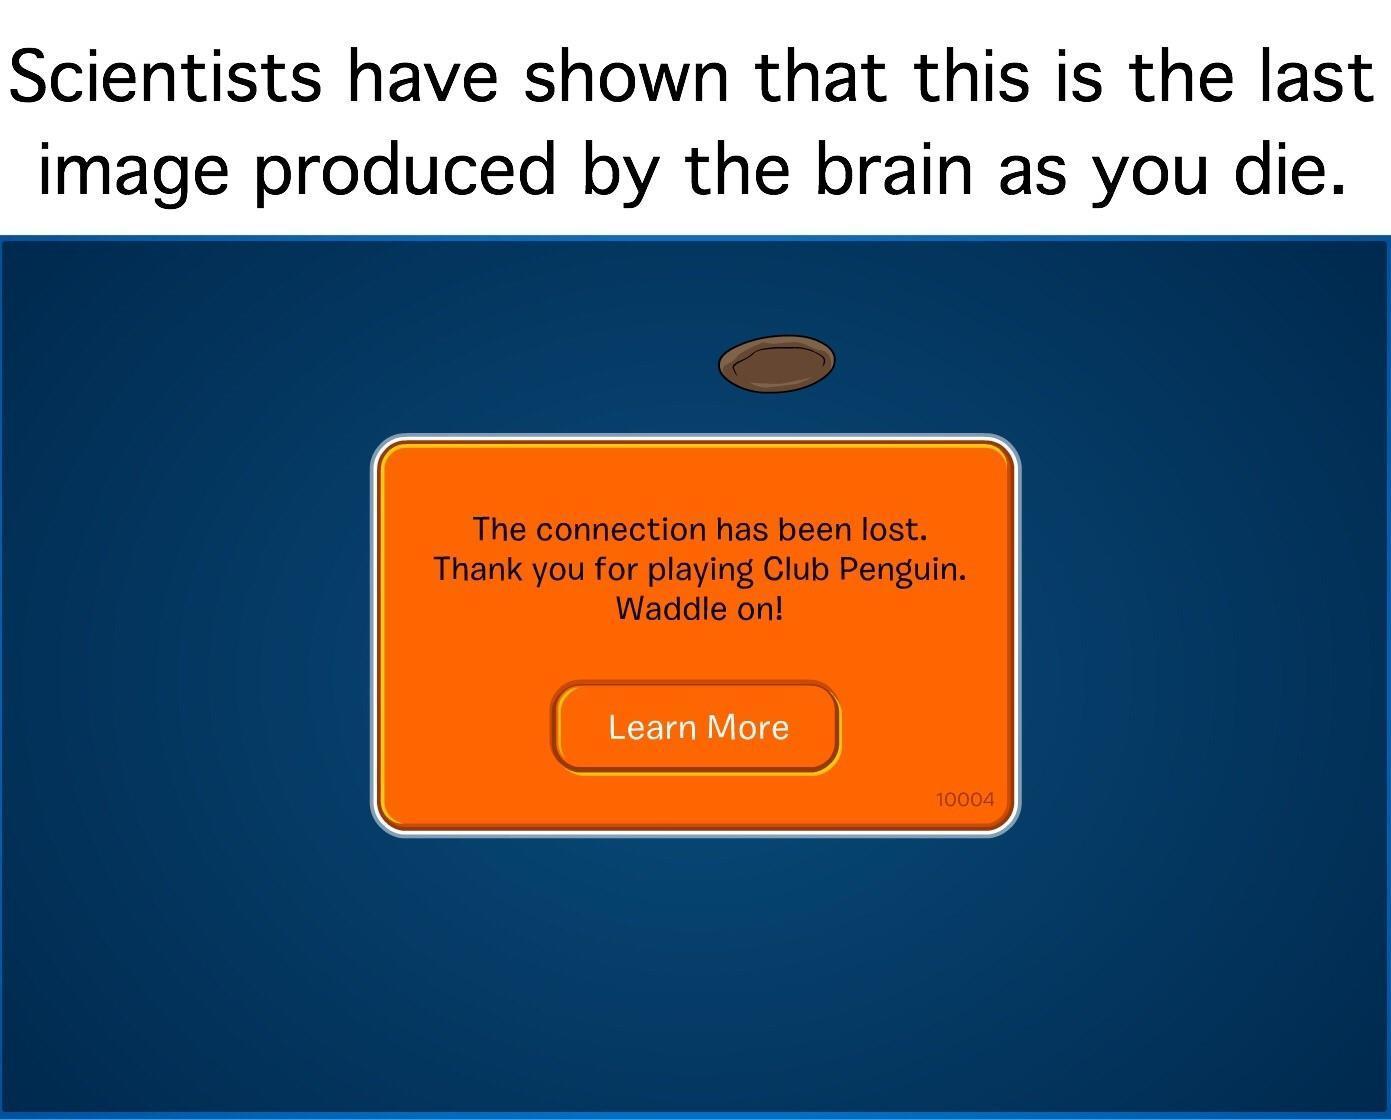 Última imagem produzida pelo cérebro antes de morrer - meme